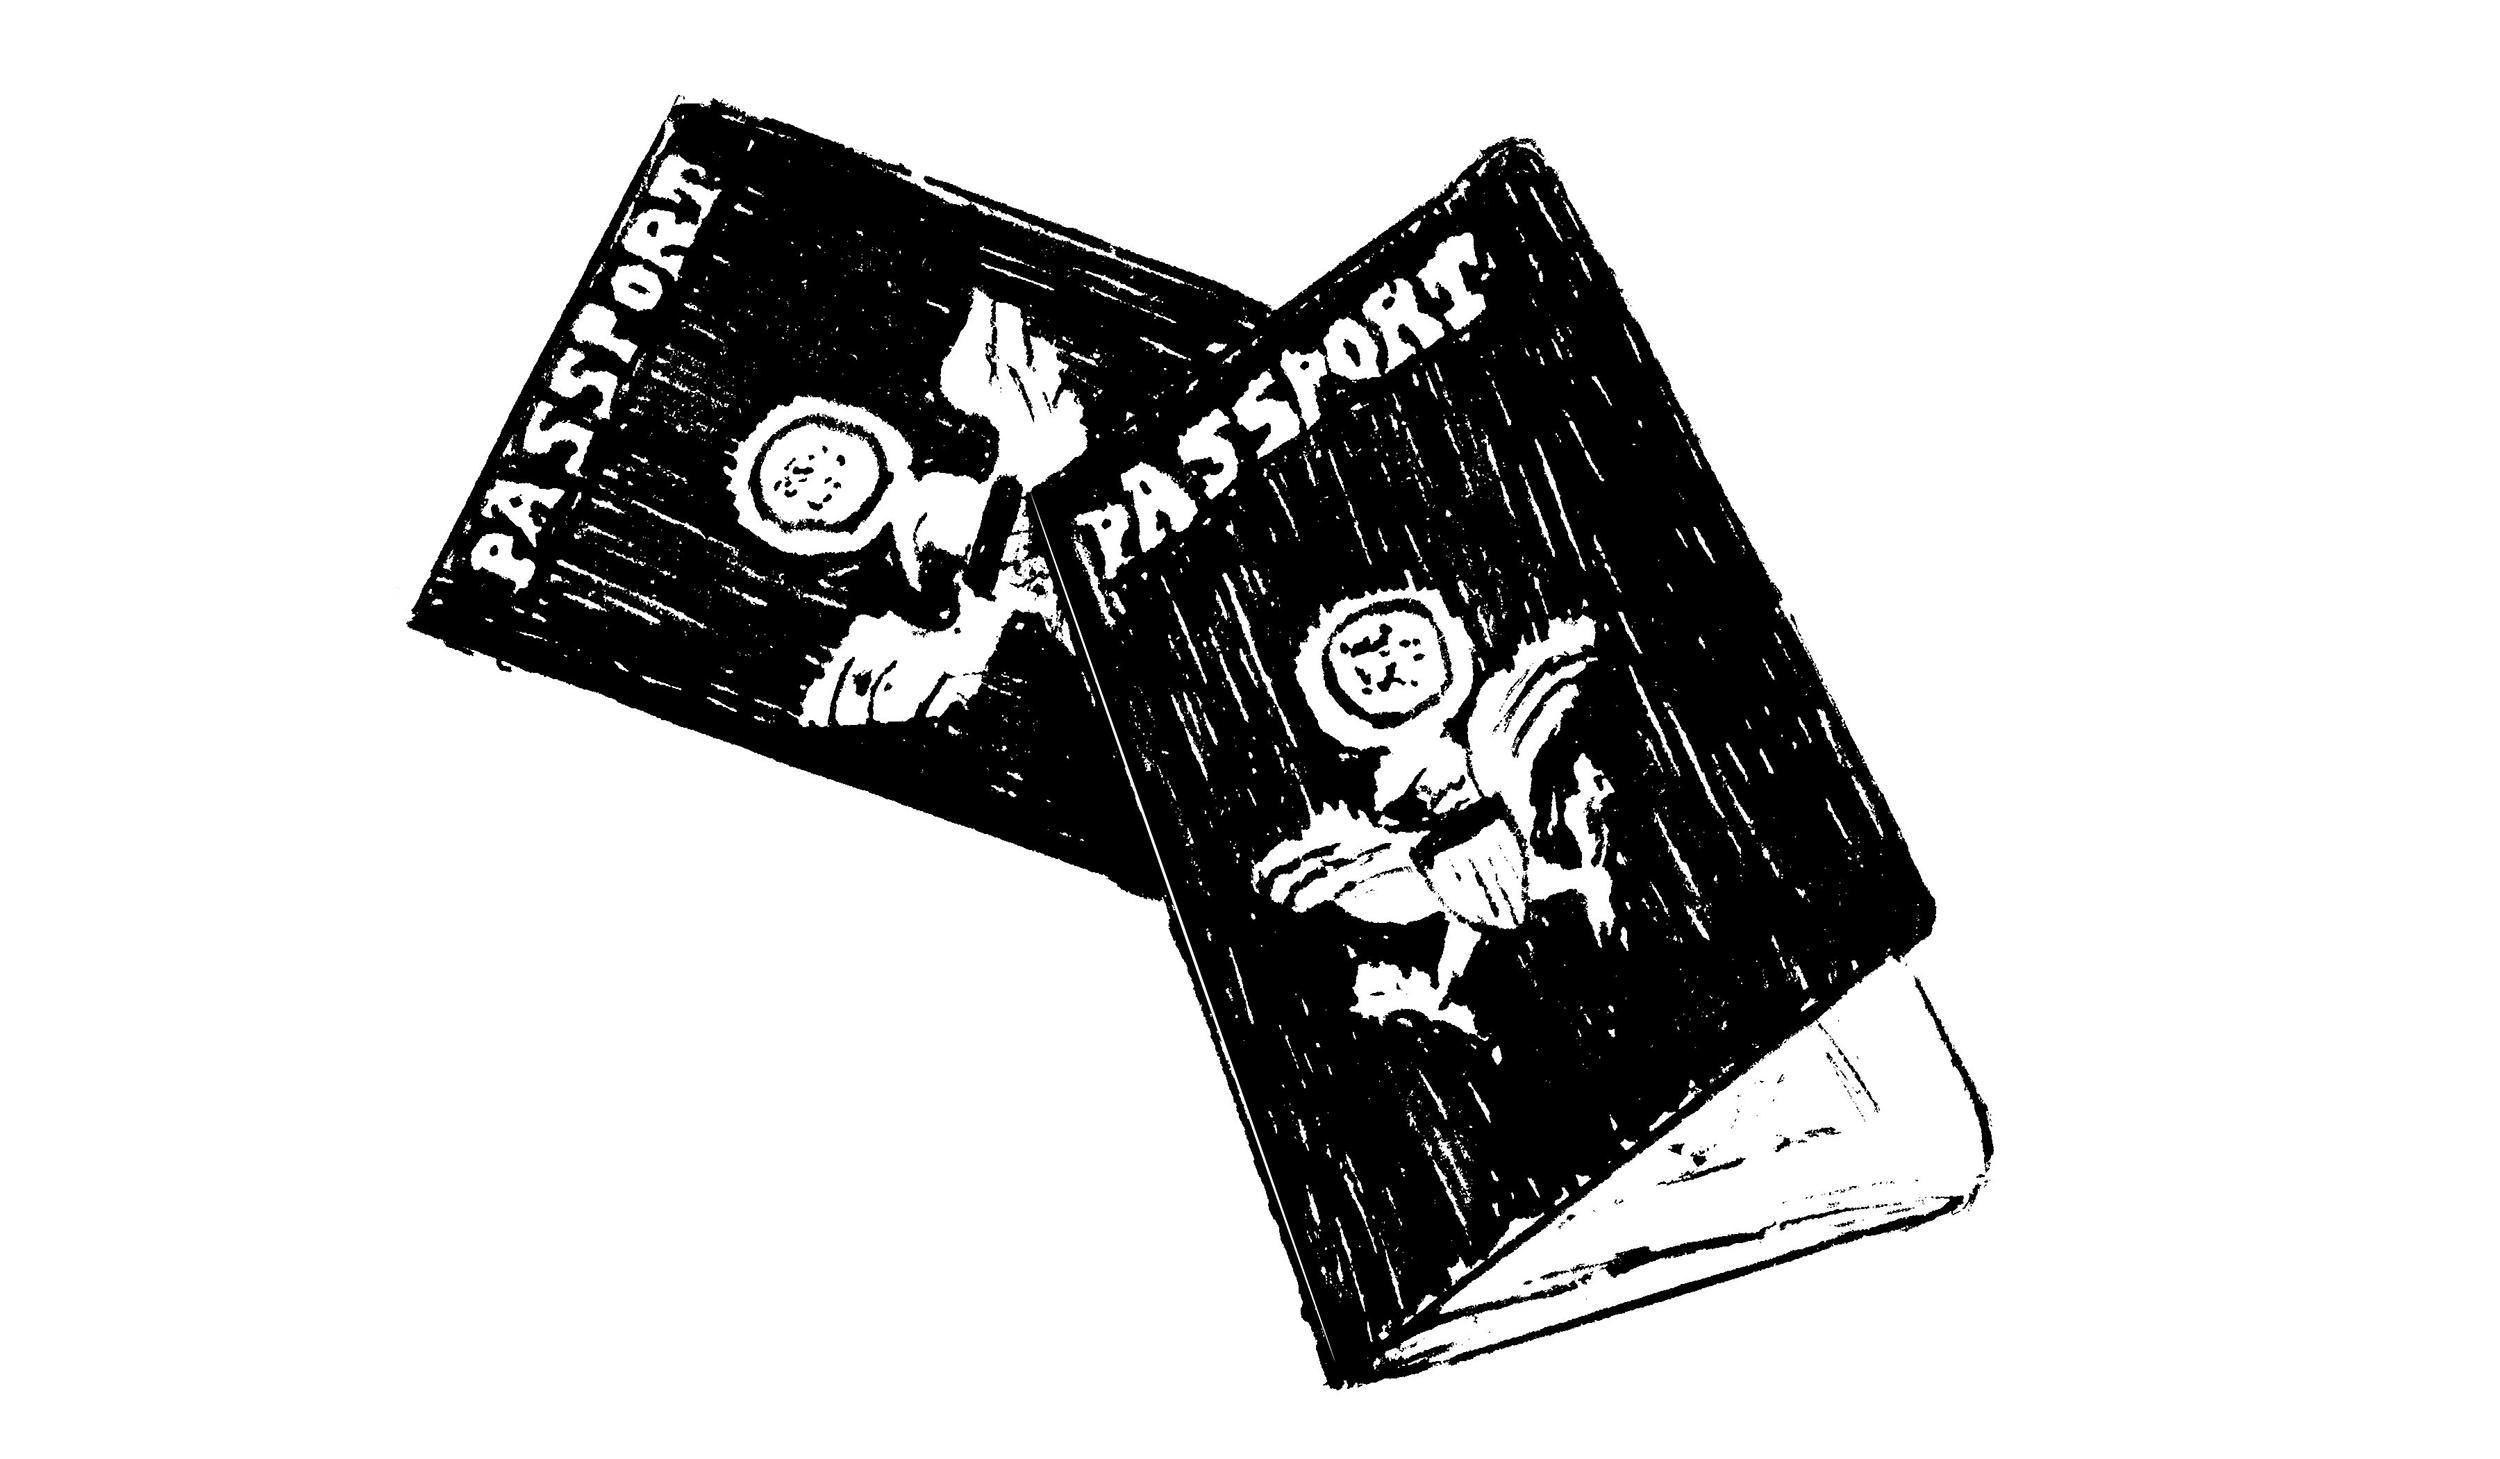 PASSPORTS_03.jpg